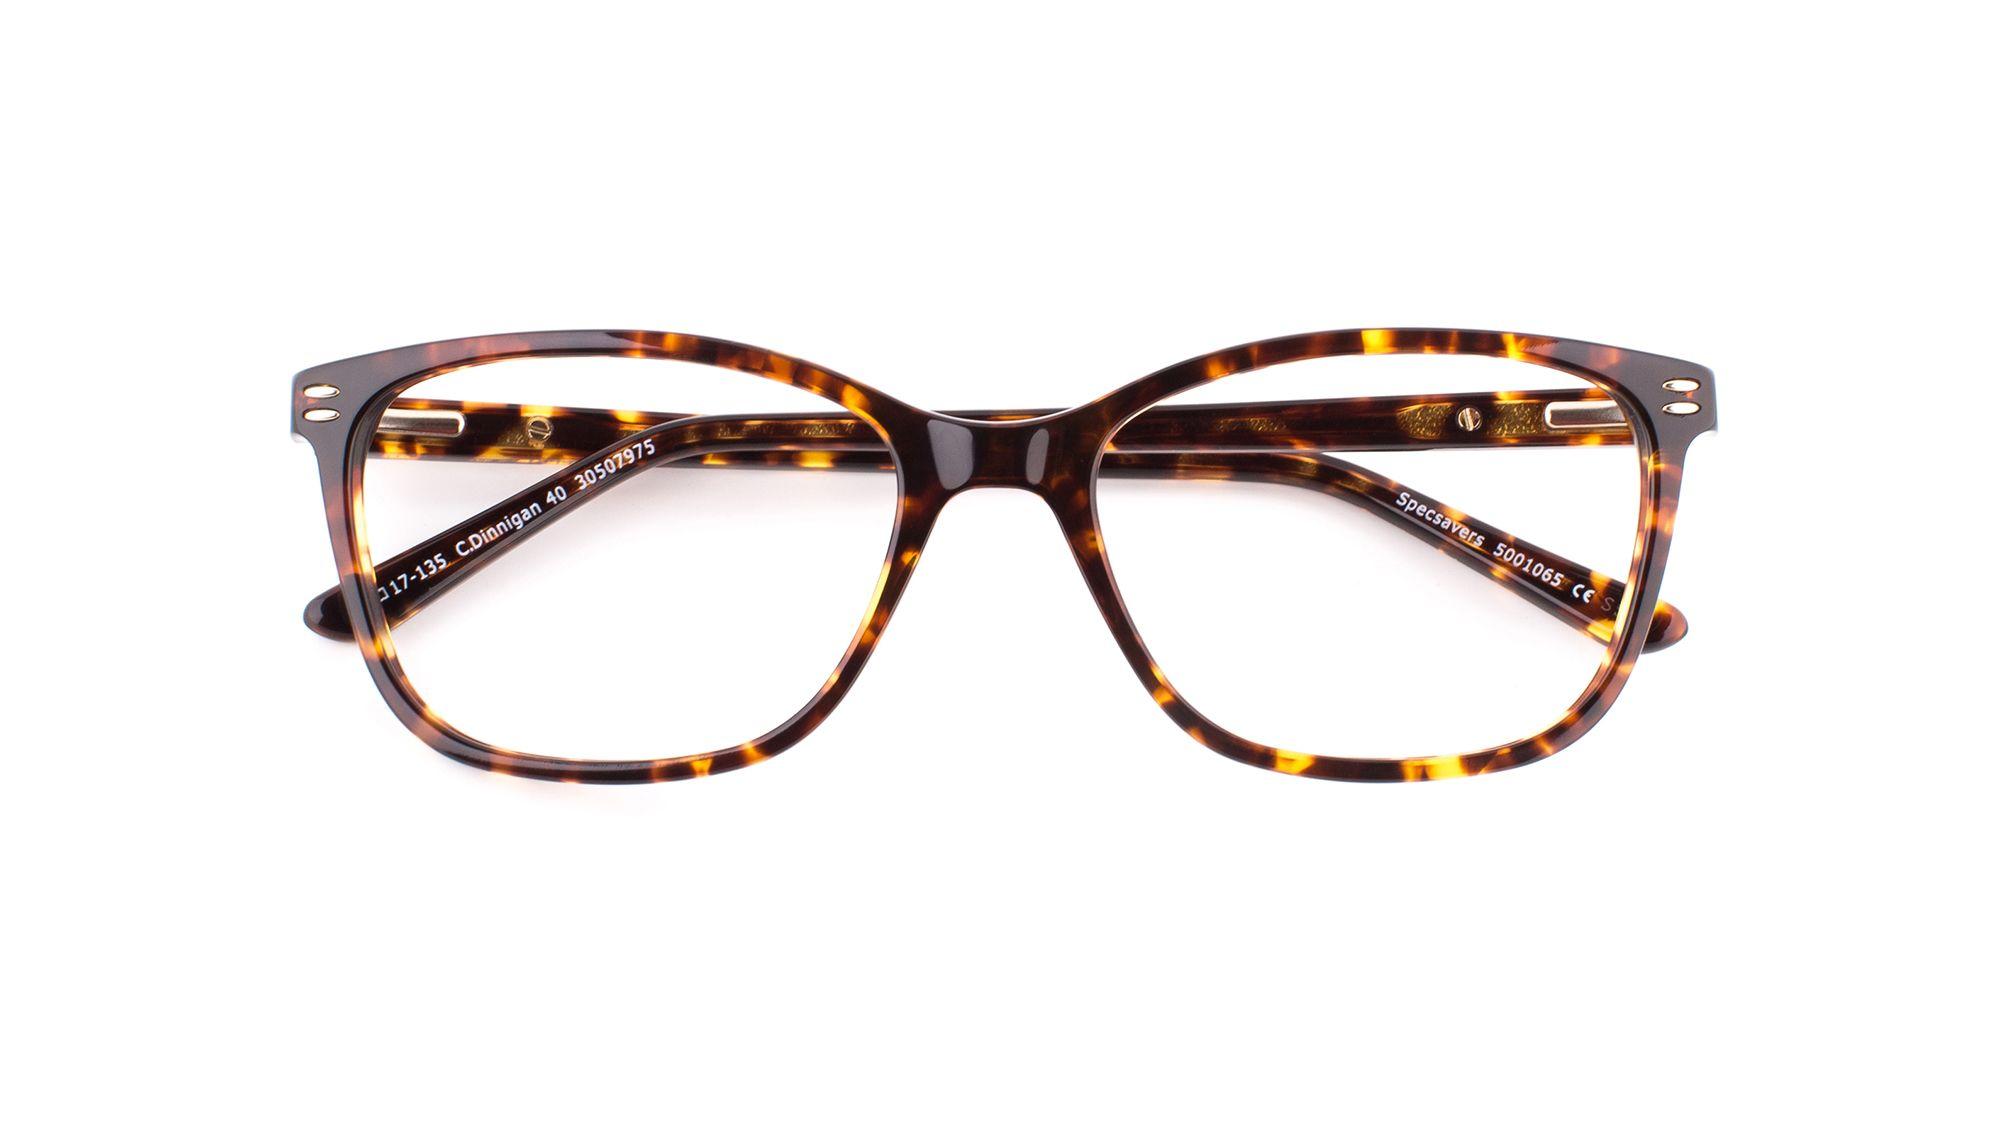 251772c4303 Collette Dinnigan glasses - C DINNIGAN 40